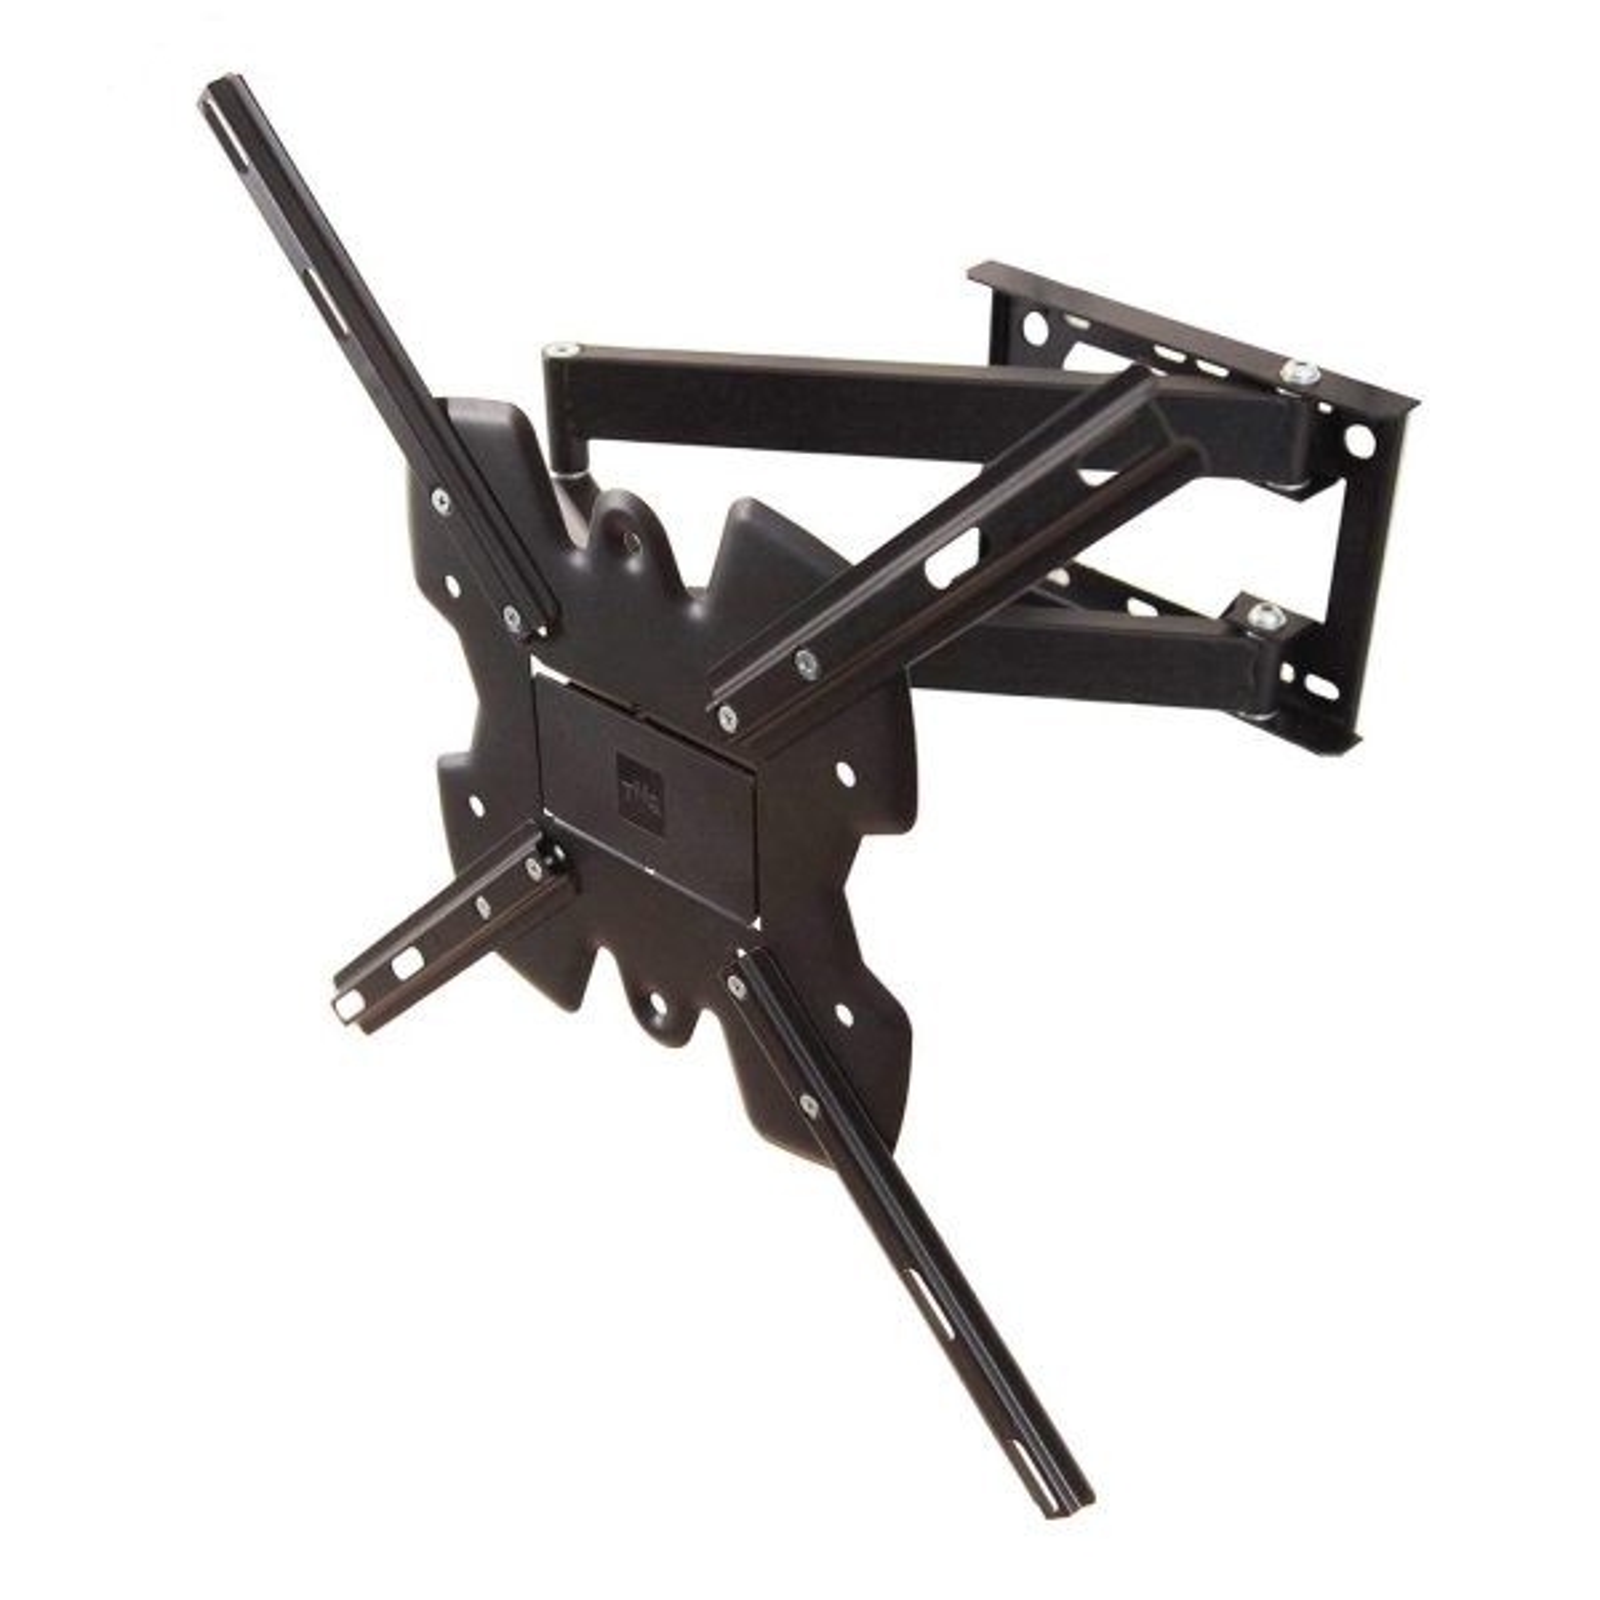 پایه دیواری تلویزیون تی ان اس مدل M03 مناسب برای تلویزیون های 32 تا 46 اینچ